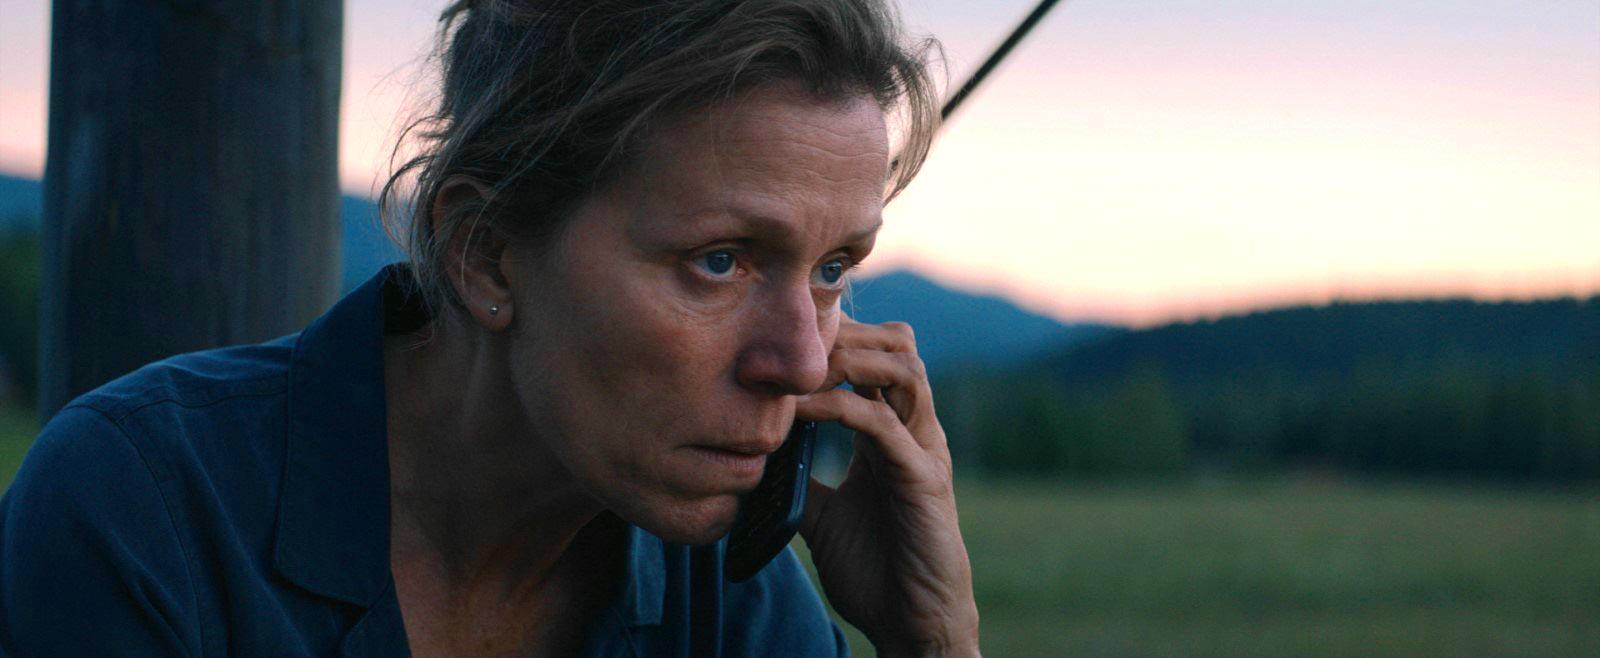 Frances McDormand em Três Anúncios para um Crime. Foto: Divulgação.